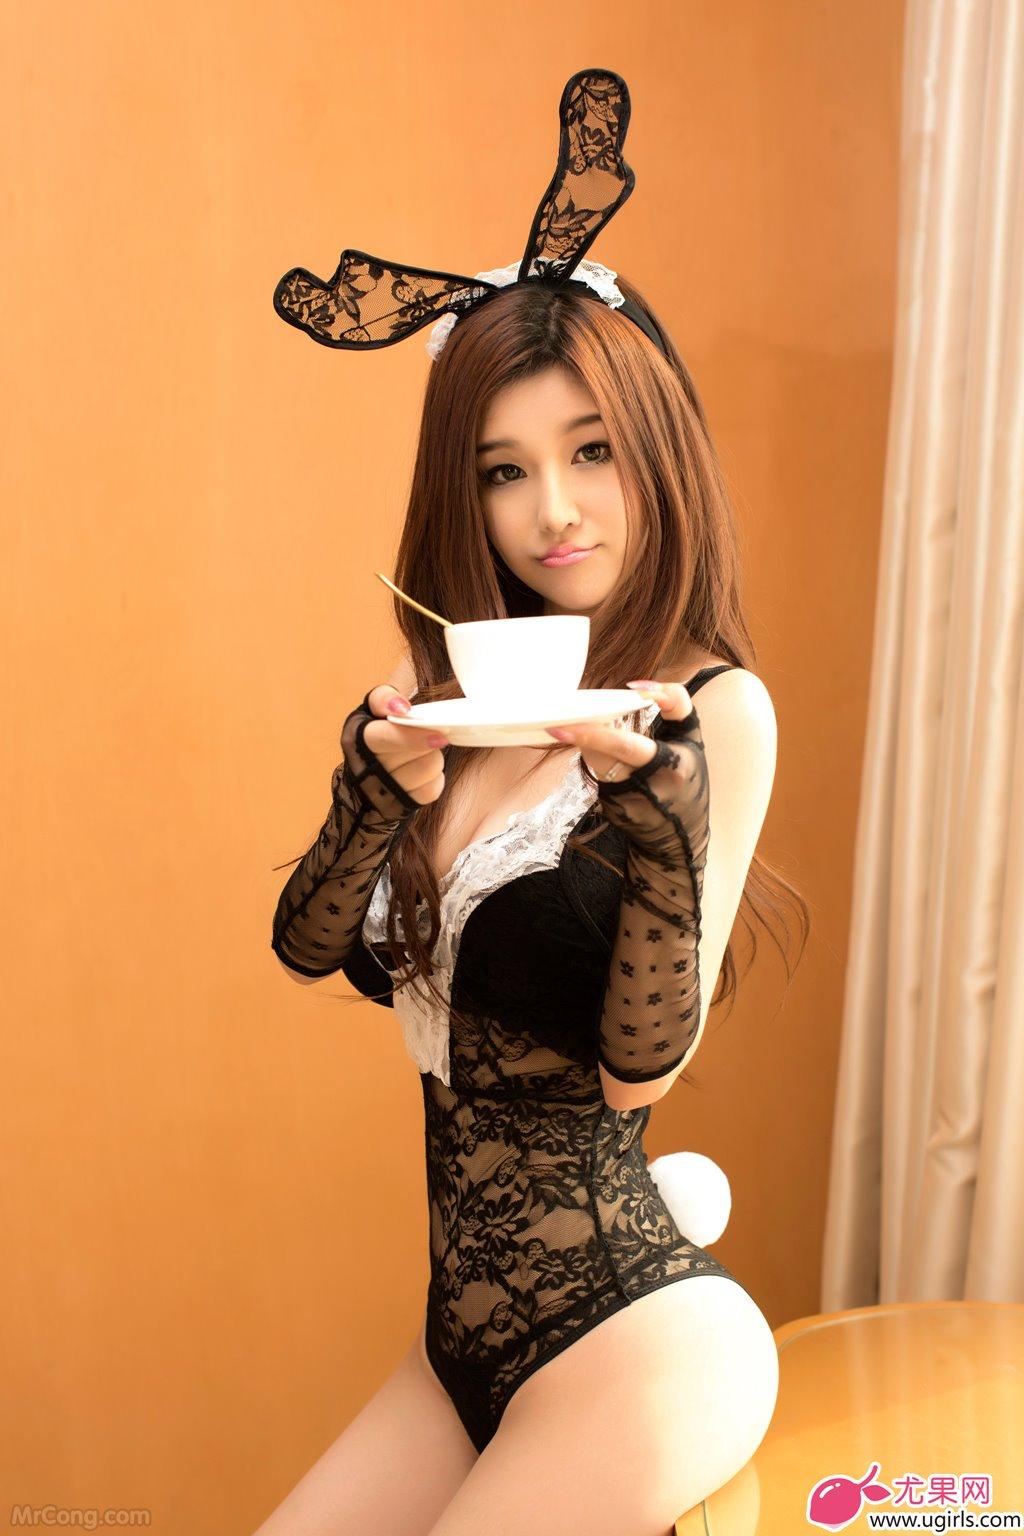 Image MrCong.com-UGIRLS-015-Chun-Xiao-Xi-023 in post Người đẹp Chun Xiao Xi (纯小希) siêu nóng bỏng trong bộ ảnh UGIRLS 015